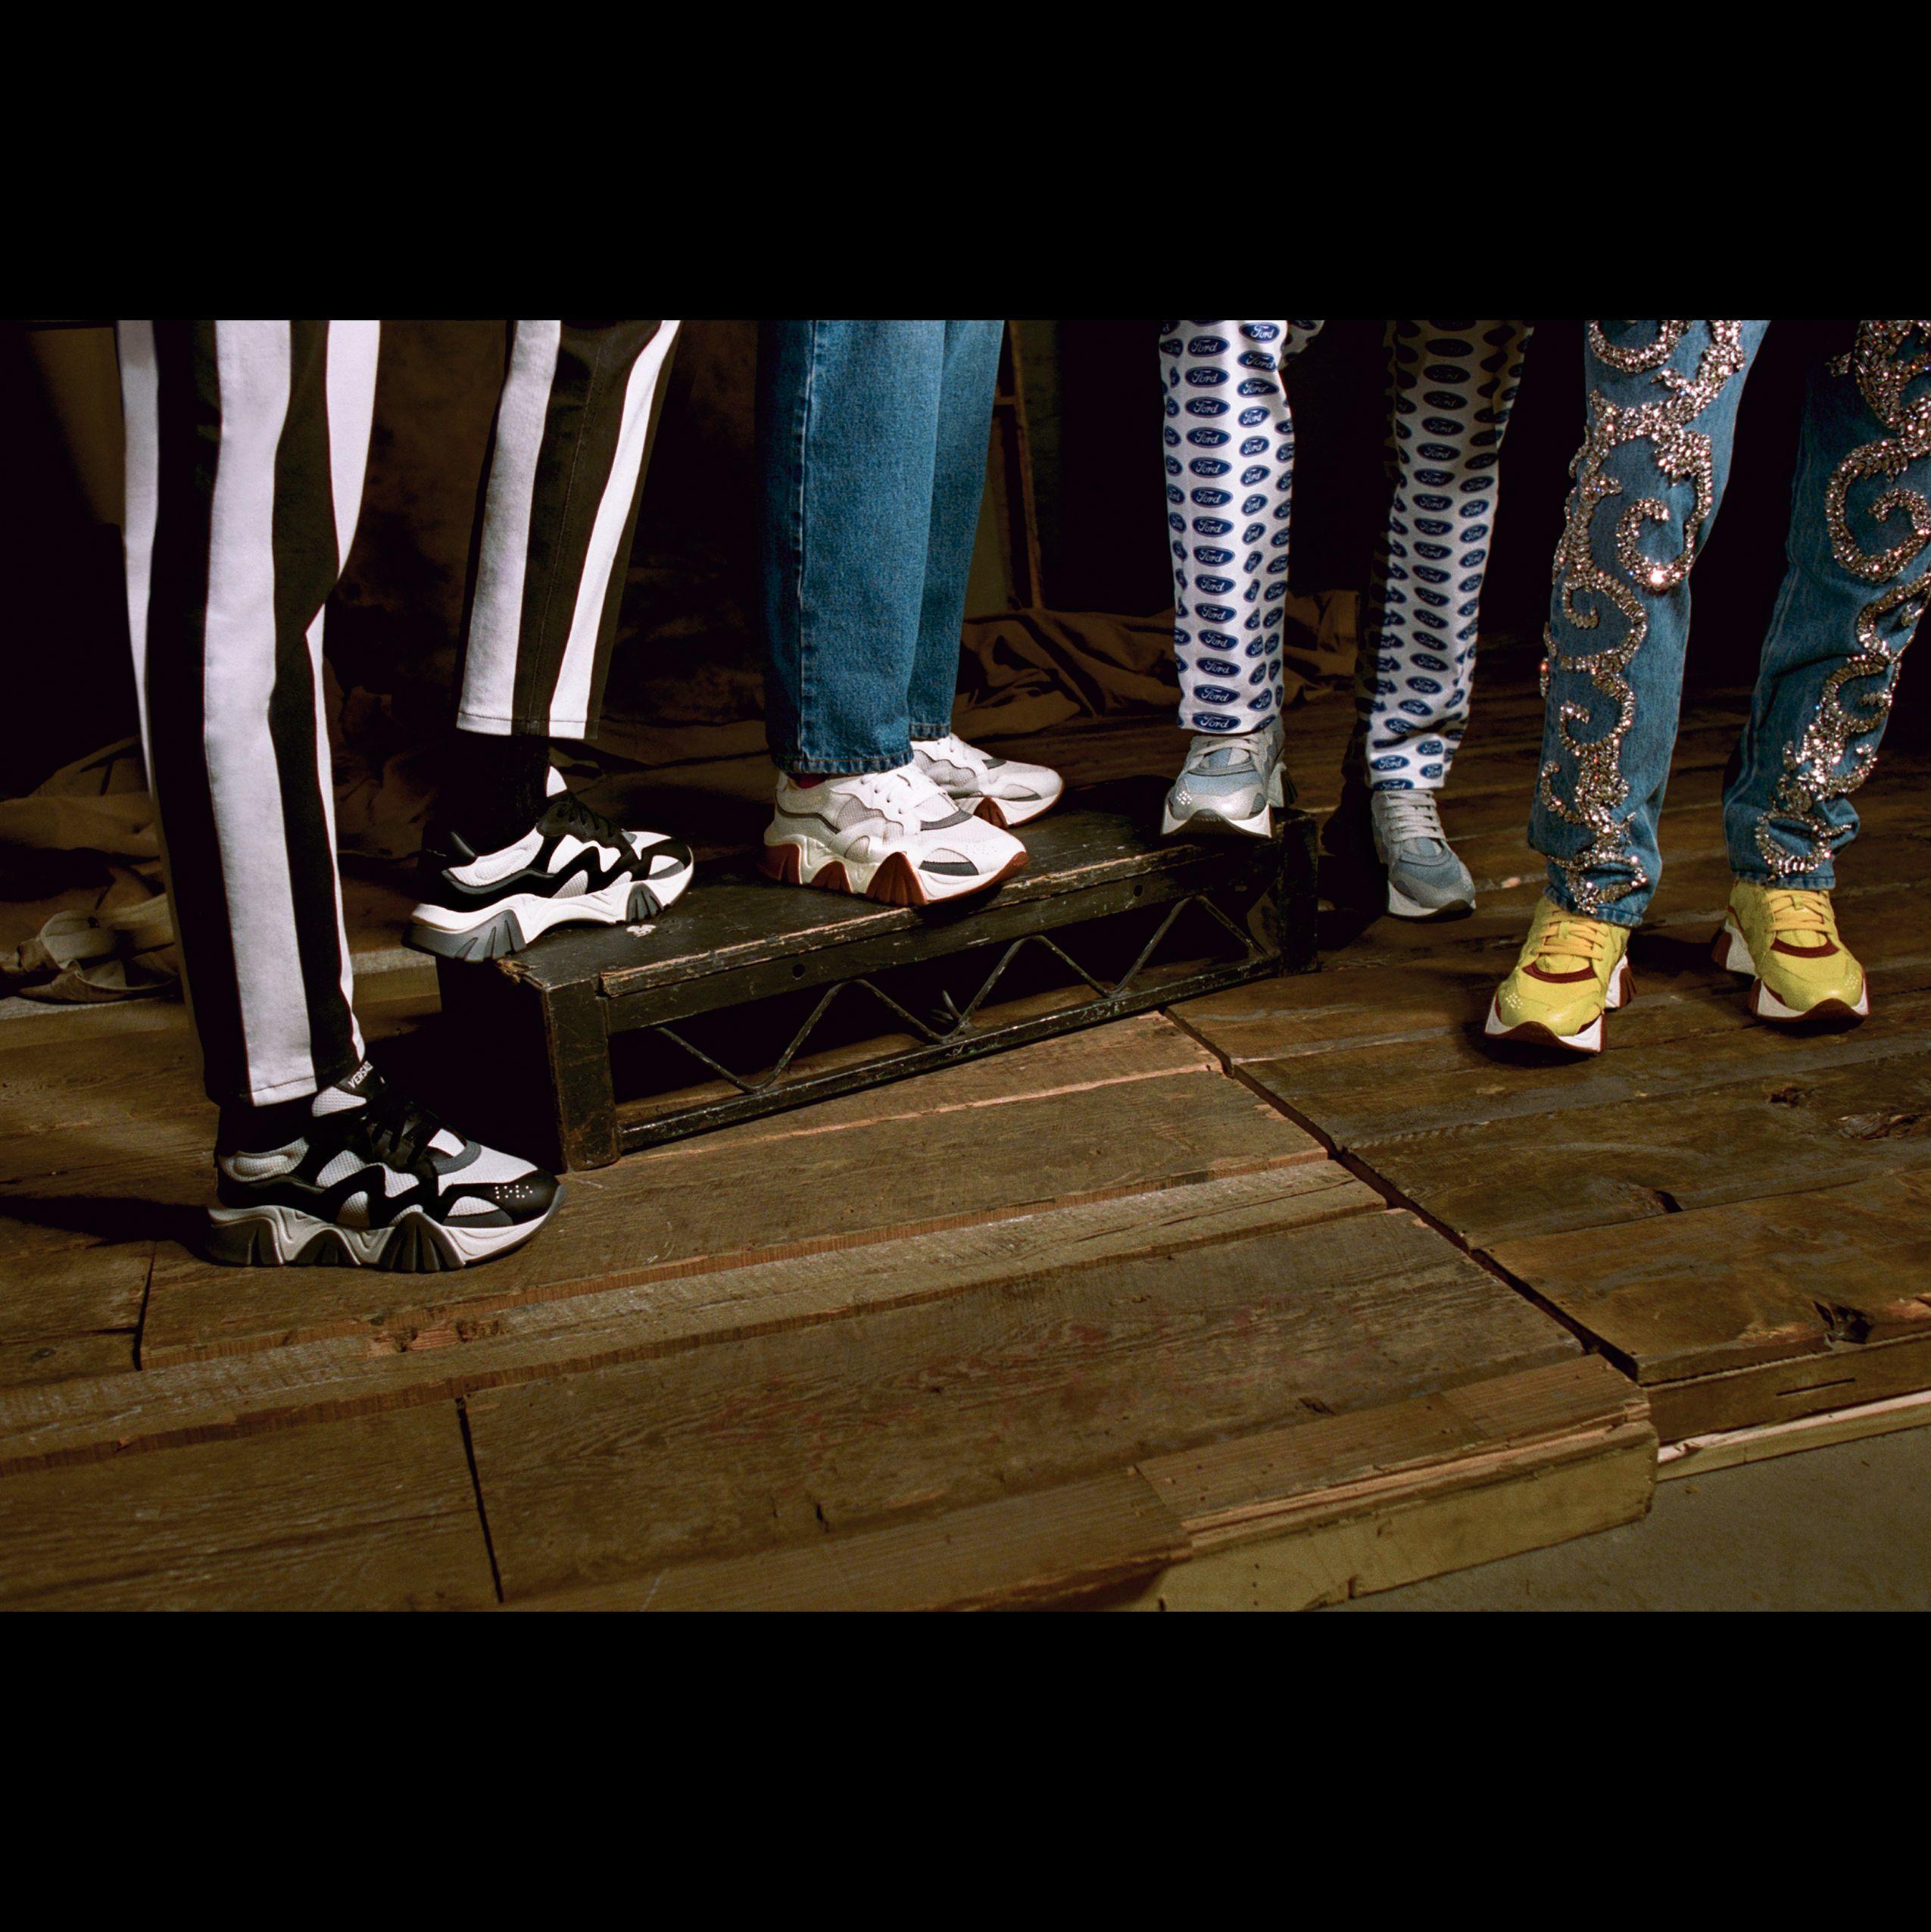 行走真我風采!Versace 2019秋冬系列Squalo運動鞋打造街頭時尚